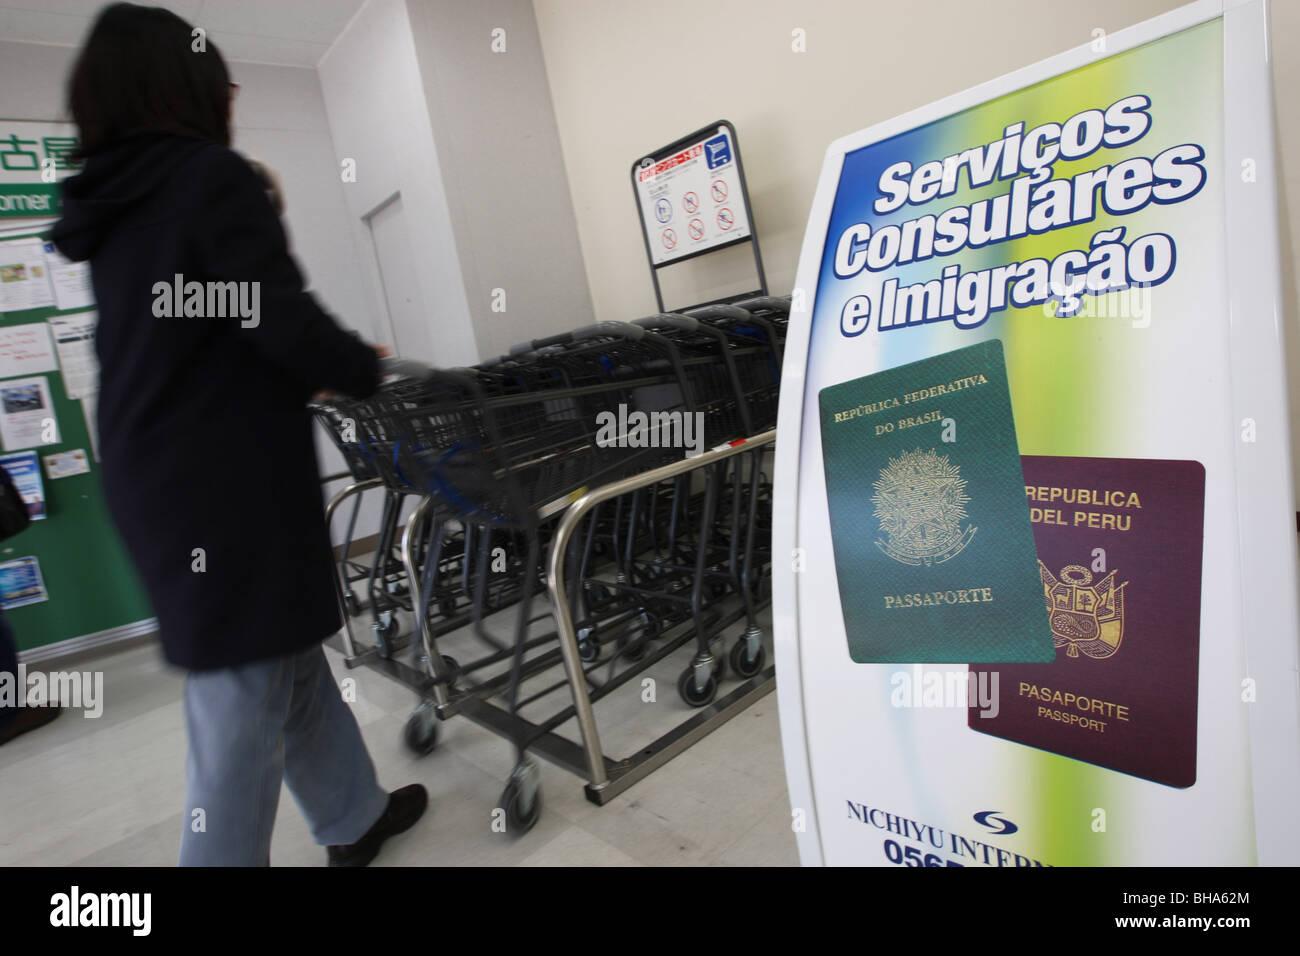 Anuncio para consular la ayuda del servicio de inmigración, en 'Homi Danshi'- una urbanización Imagen De Stock